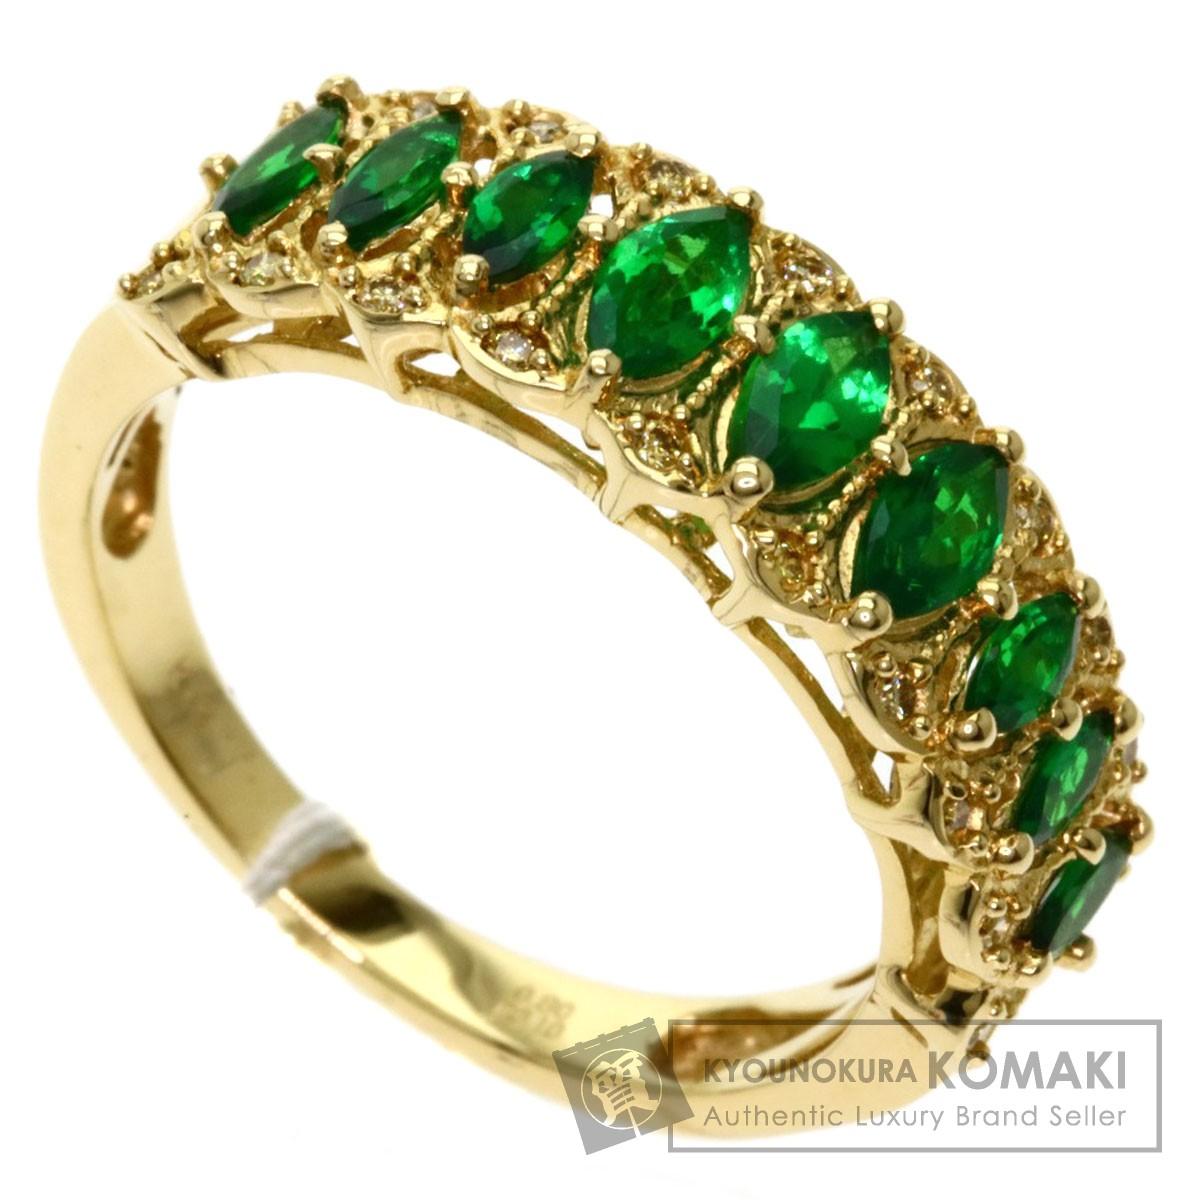 グリーンガーネット ダイヤモンド リング・指輪 K18イエローゴールド レディース 【中古】